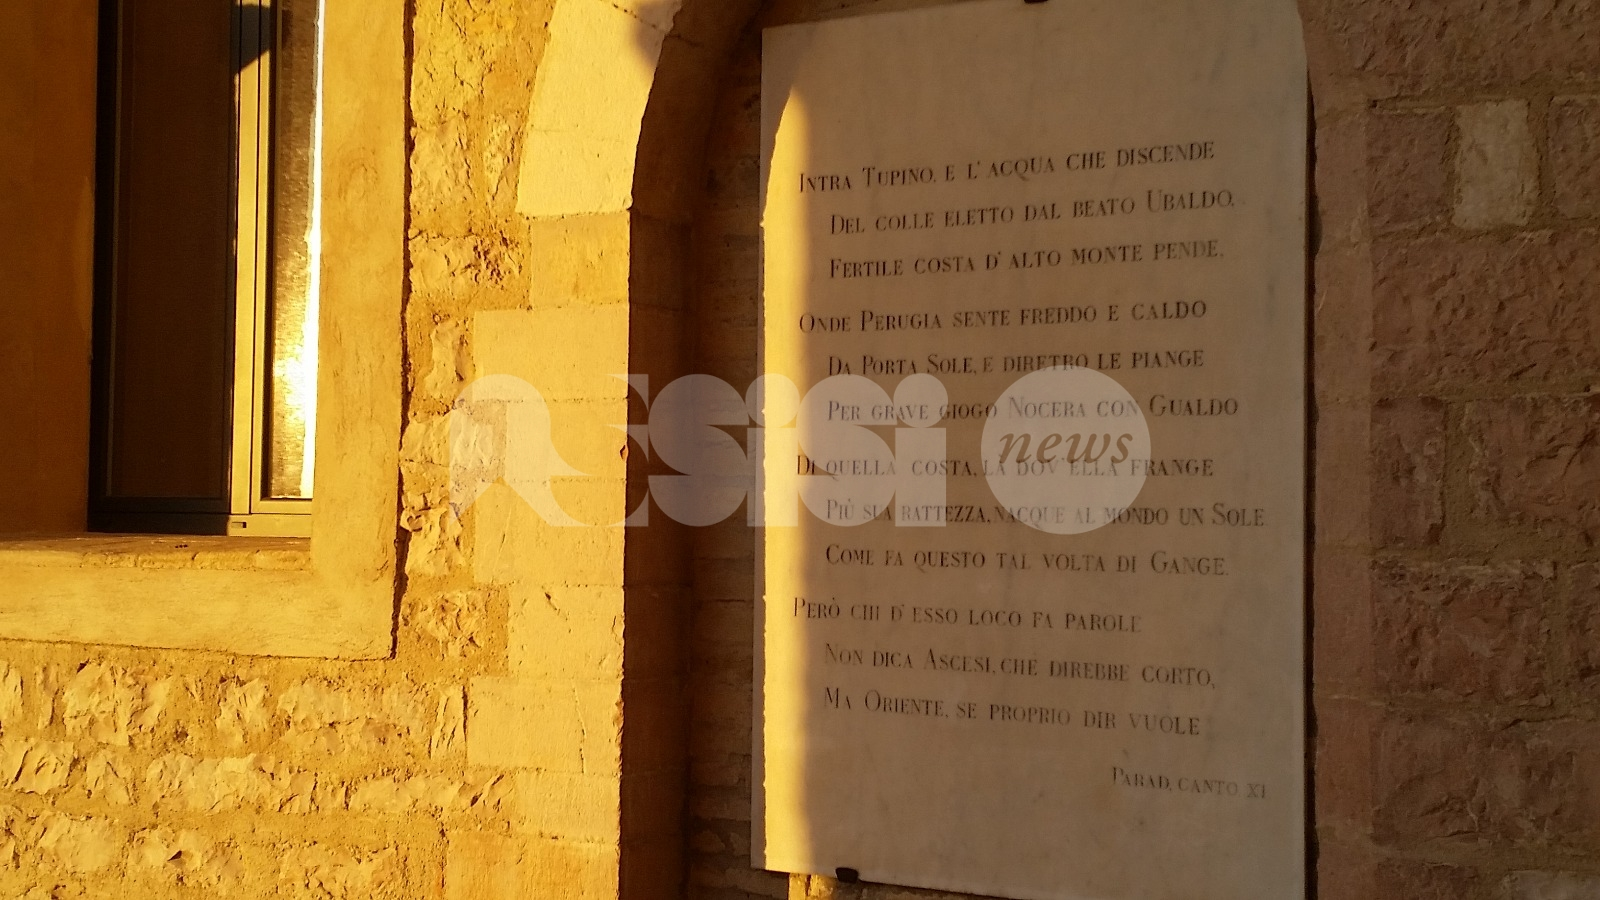 Giornate dantesche 2021, in Umbria eventi tra Assisi e Foligno